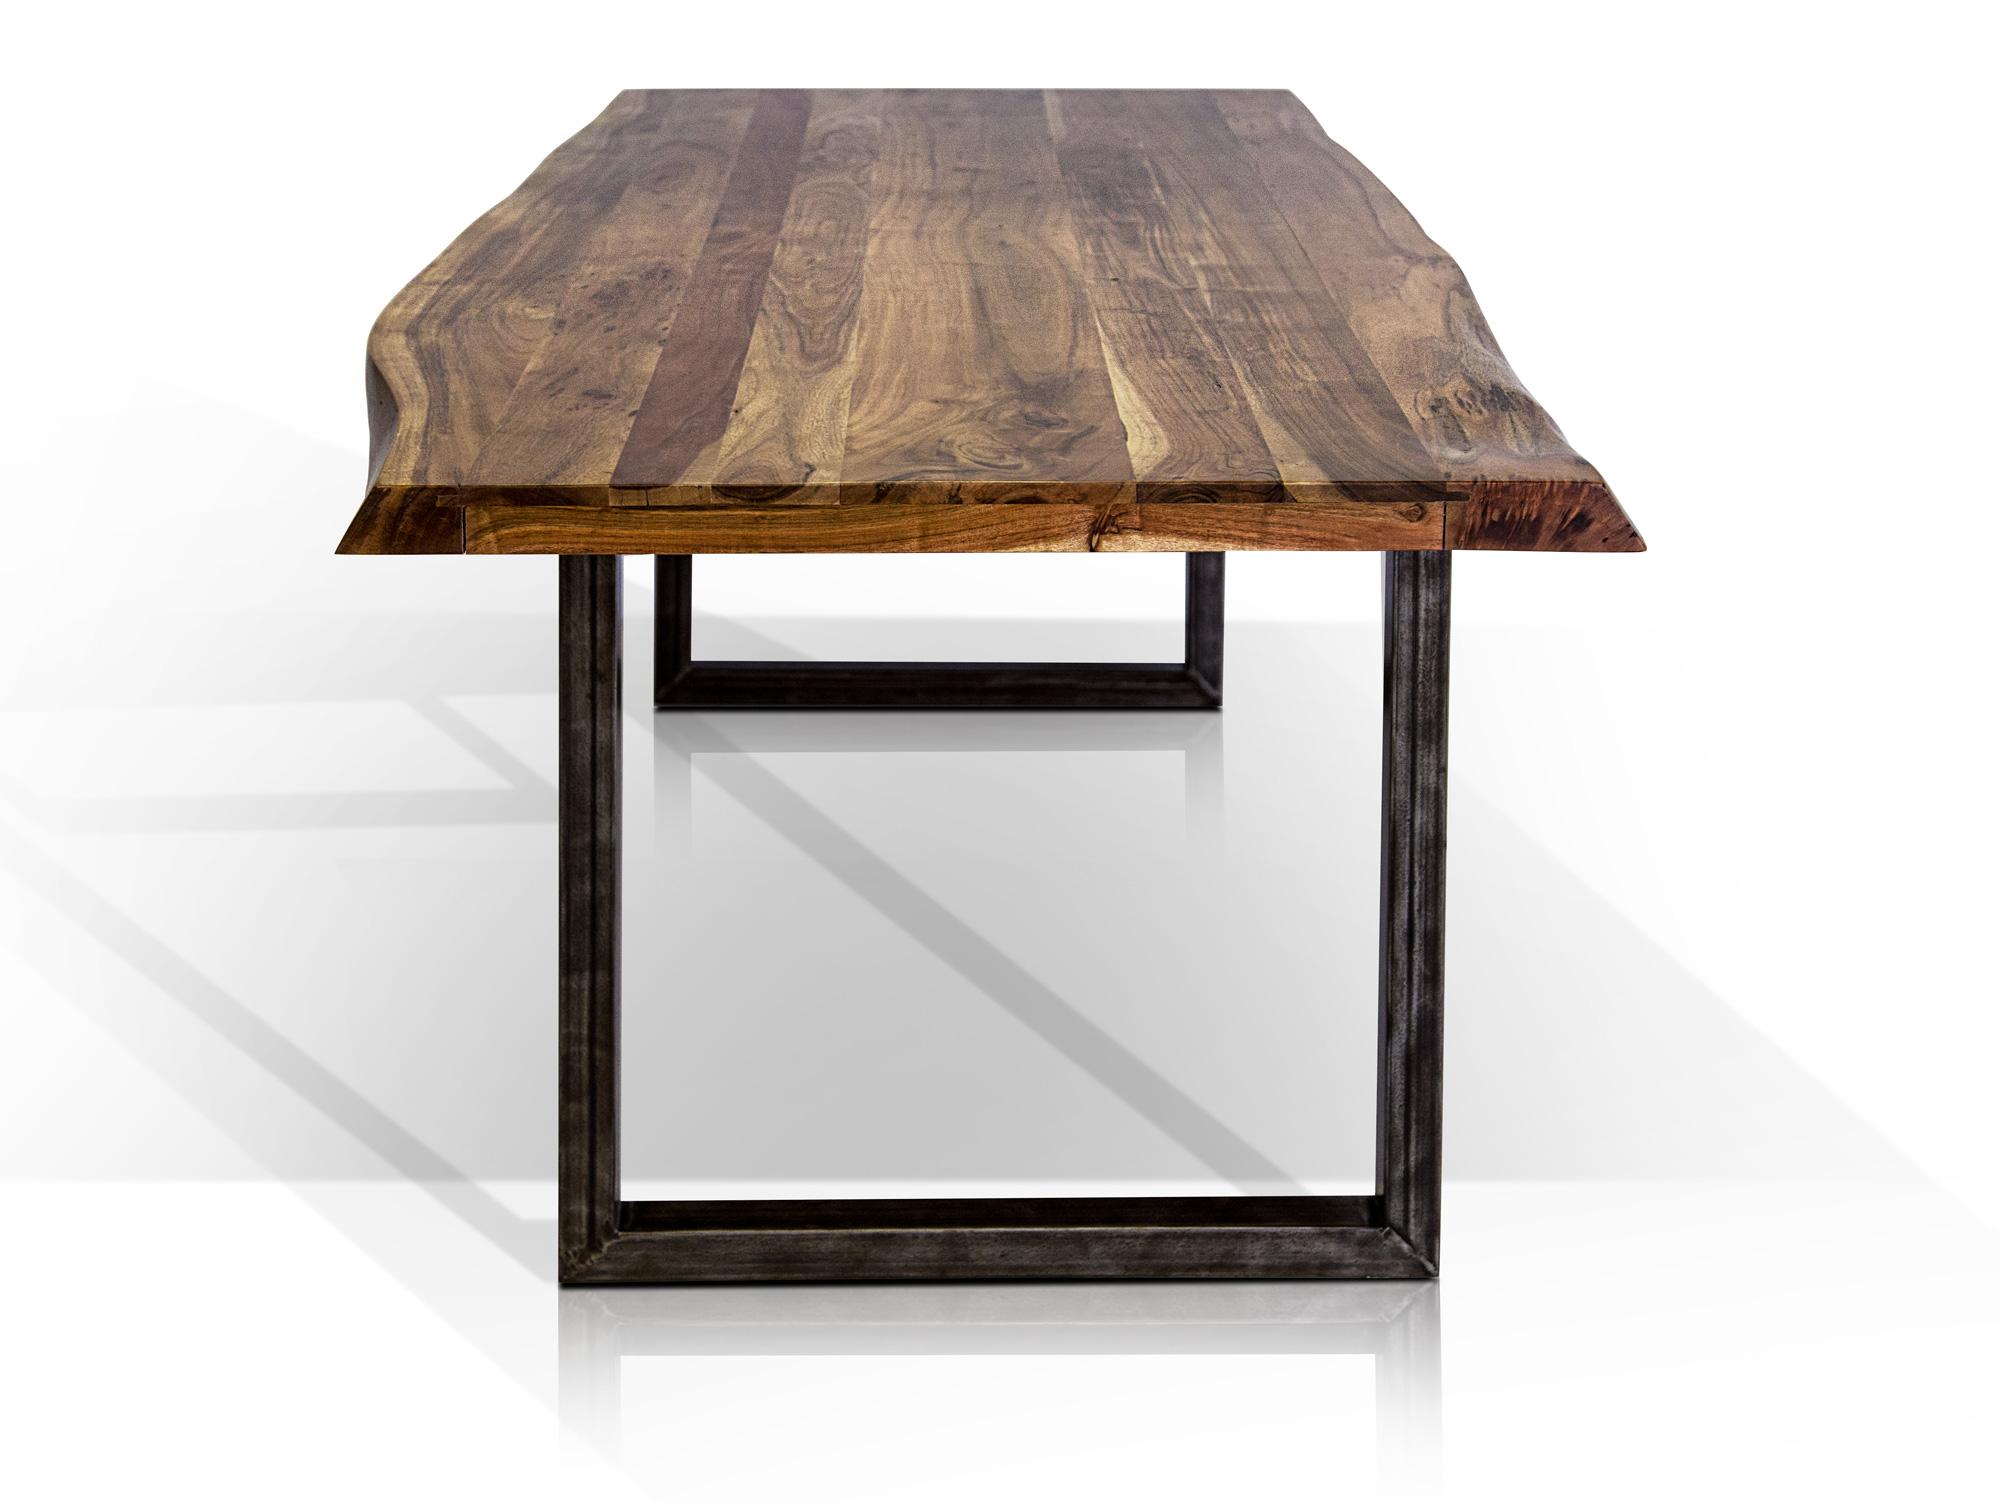 gera esstisch akazie lackiert 160x90 cm. Black Bedroom Furniture Sets. Home Design Ideas